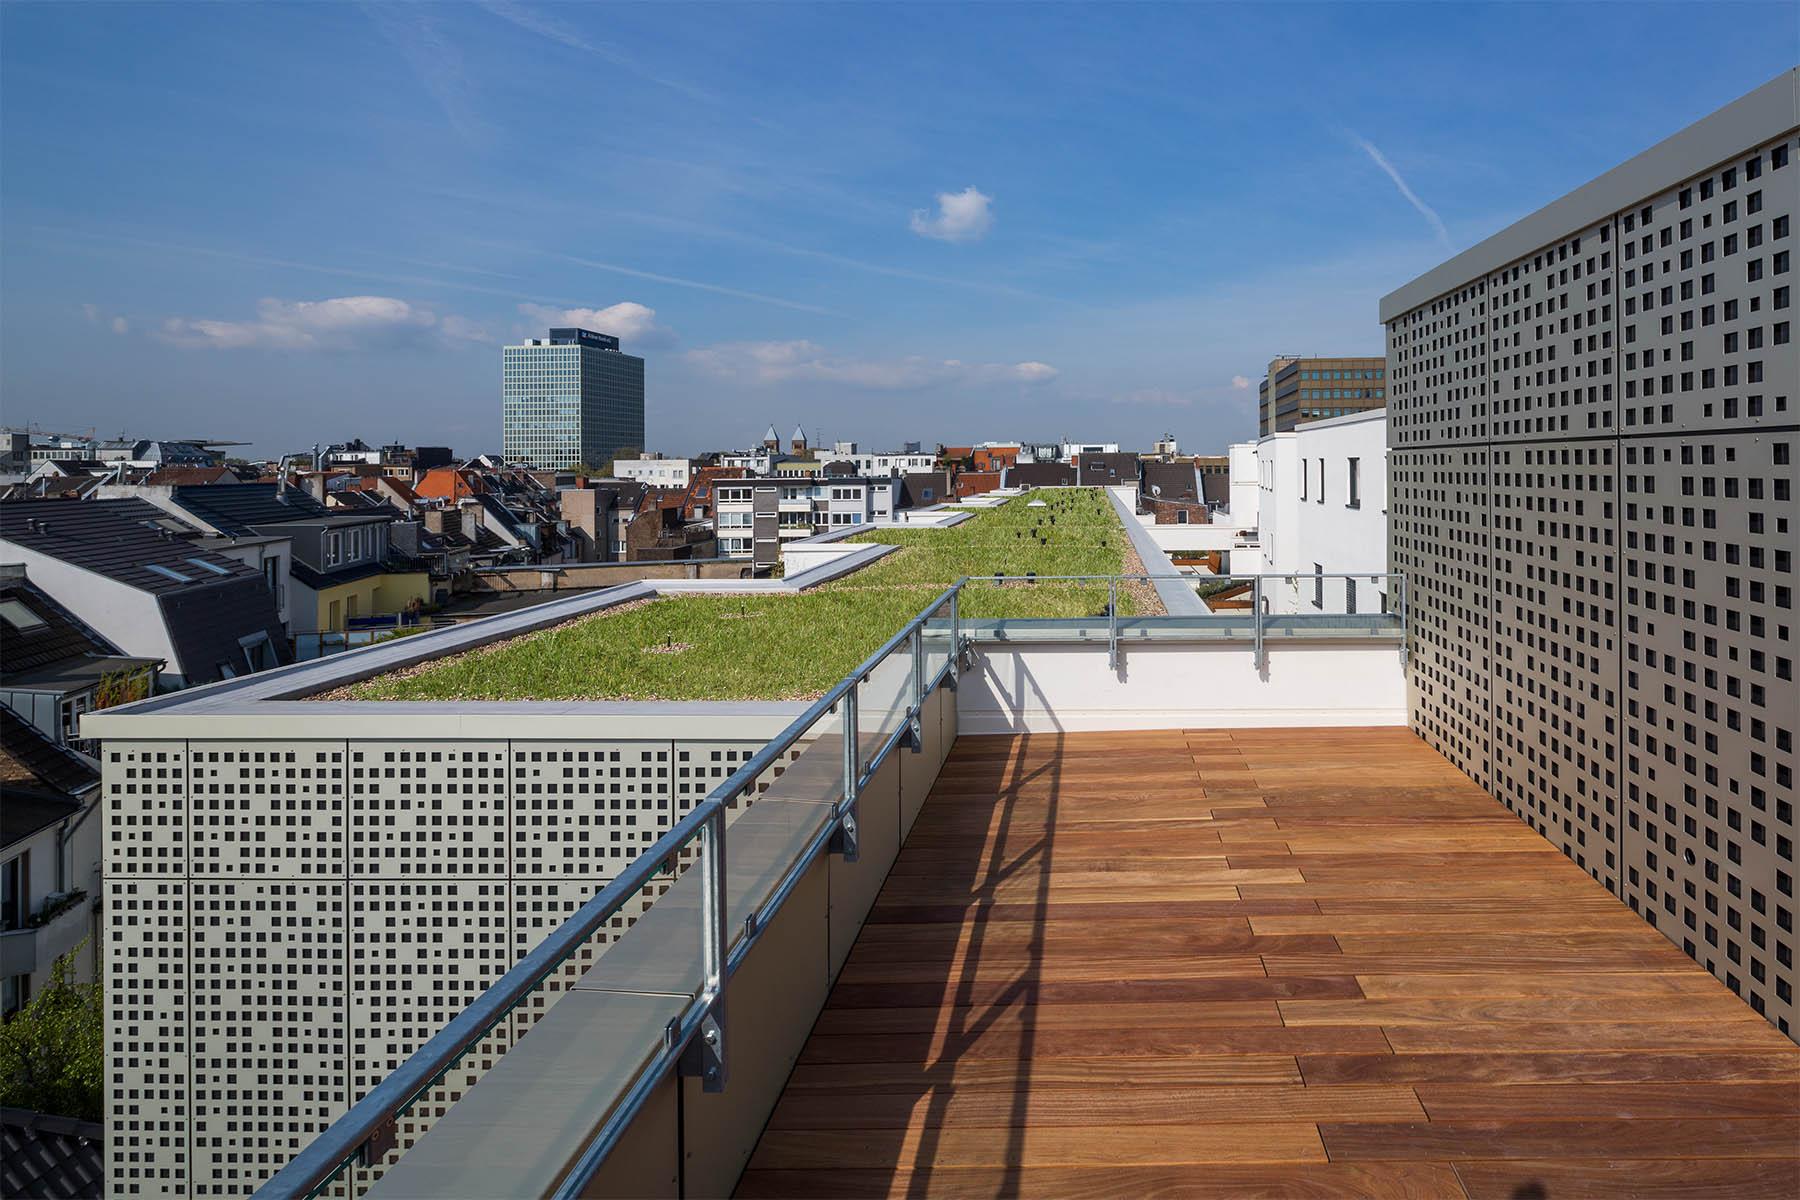 Magnus 31. Lill + Sparla Landschaftsarchitekten aus Köln waren für die Dachgestaltung verantwortlich.